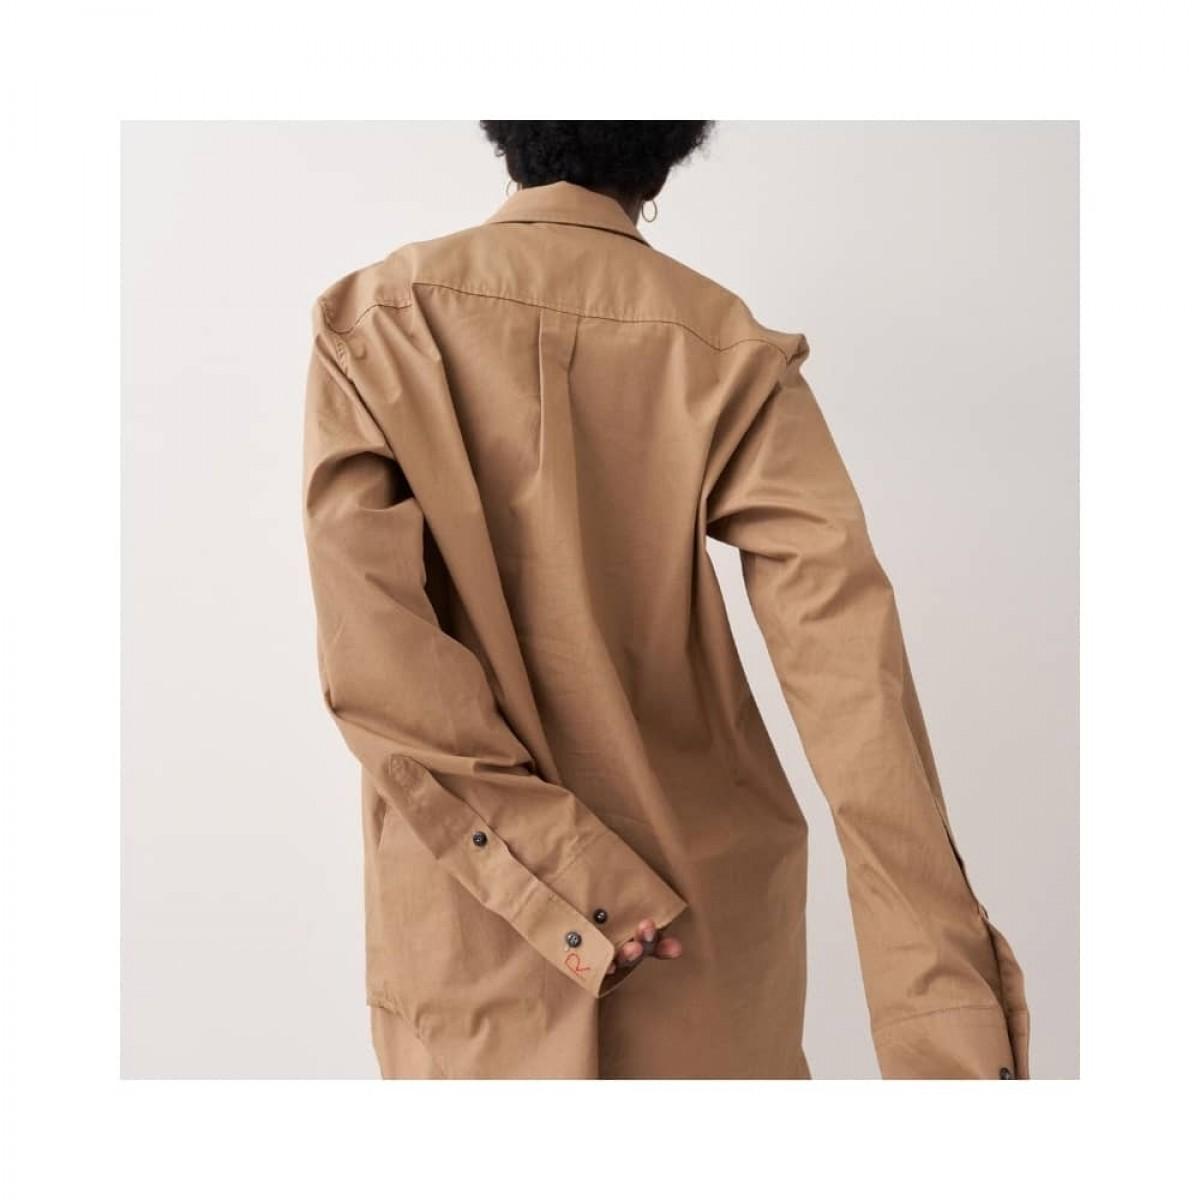 blaze skjorte - khaki - model fra ryggen